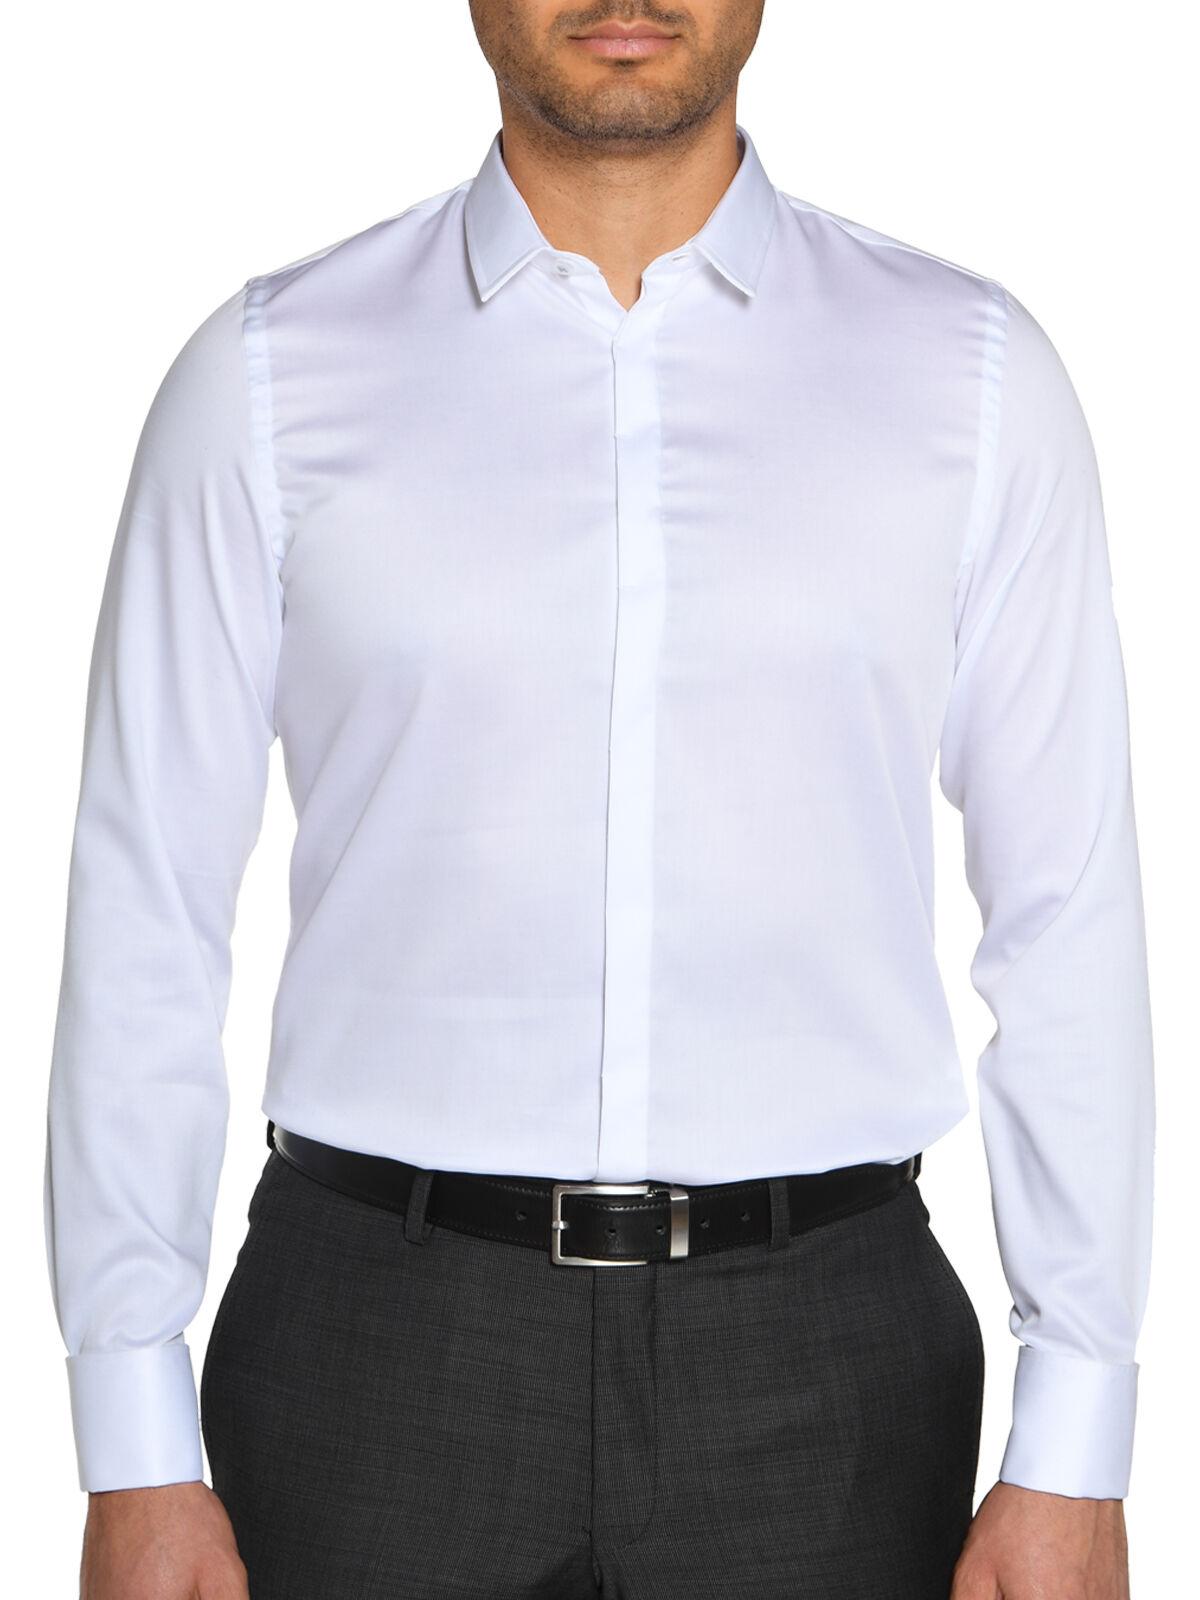 Overhemd Slim fit met manchetten